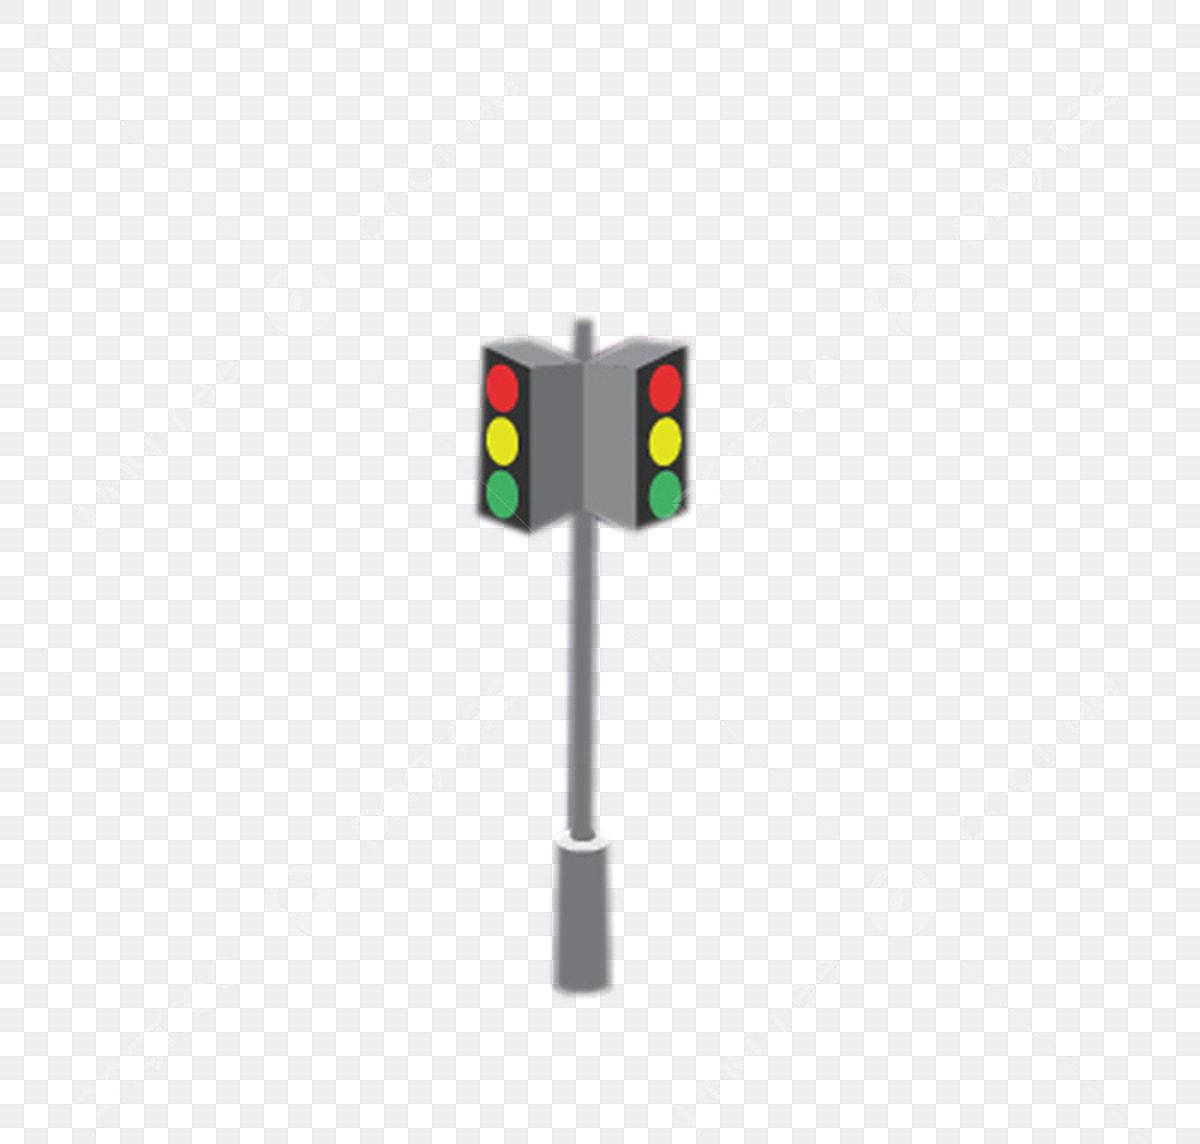 gambar lampu merah lampu hijau lulus lampu lulus lampu hijau png dan psd untuk muat turun percuma pngtree